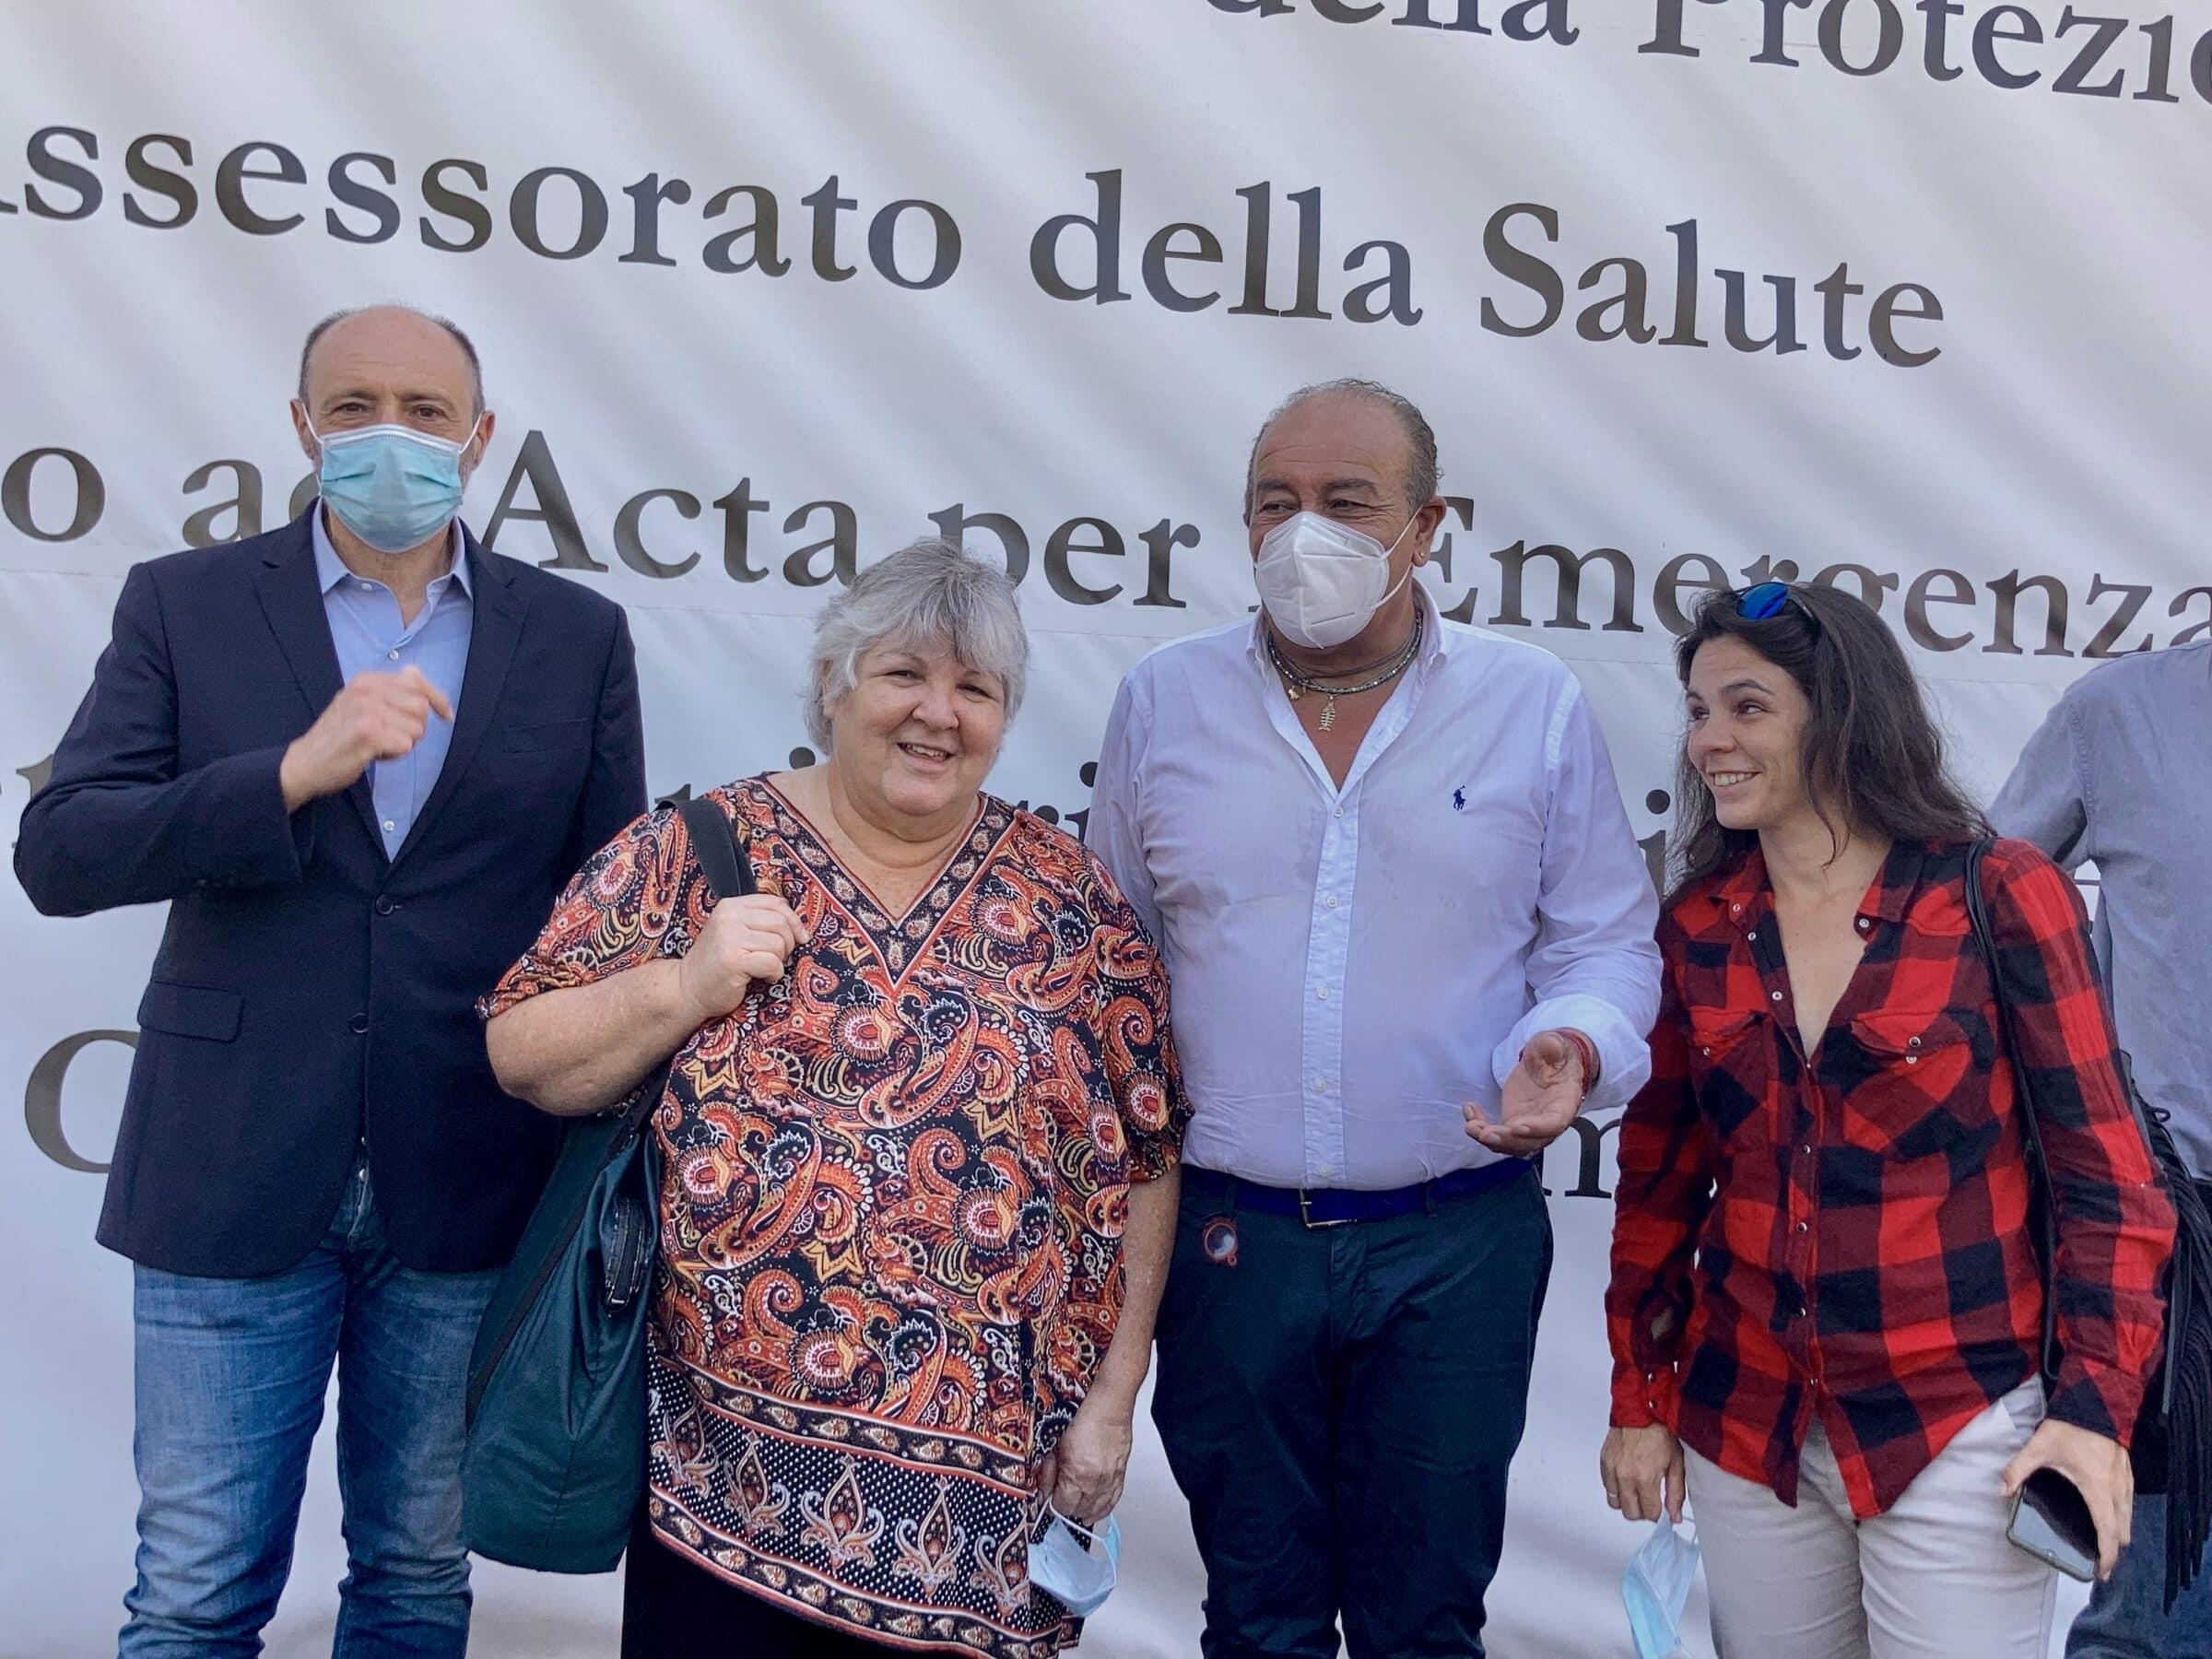 """La figlia di Ernesto Che Guevara in visita alla Fiera del Mediterraneo: """"Centro ben organizzato"""" – FOTO e VIDEO"""